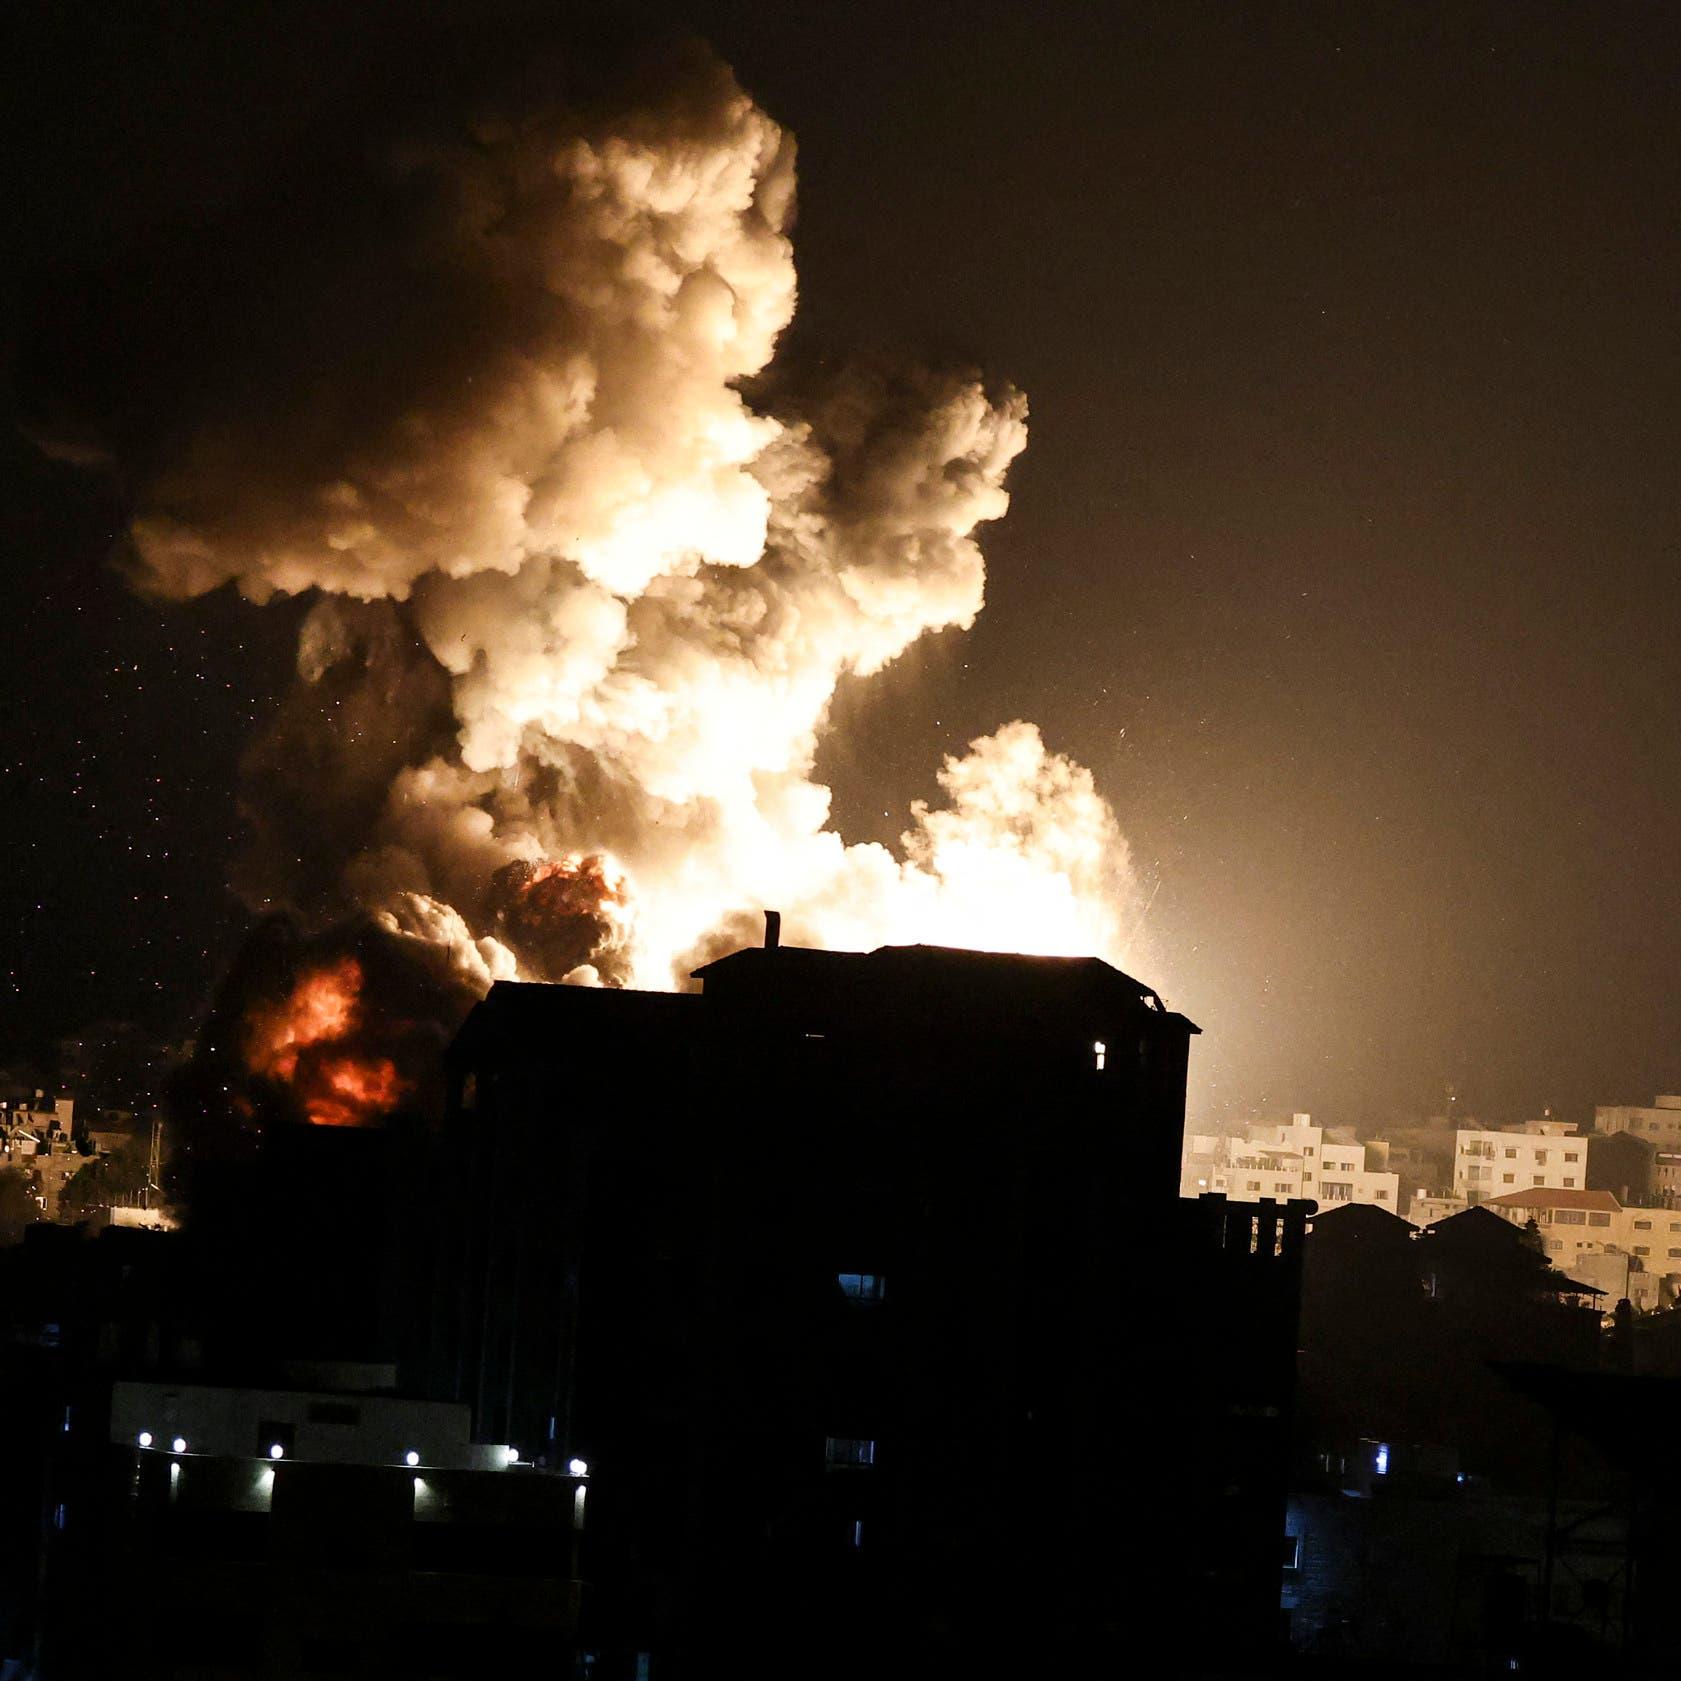 تطورات غزة تدفع مجلس الأمن لاجتماع طارئ خلال أيام